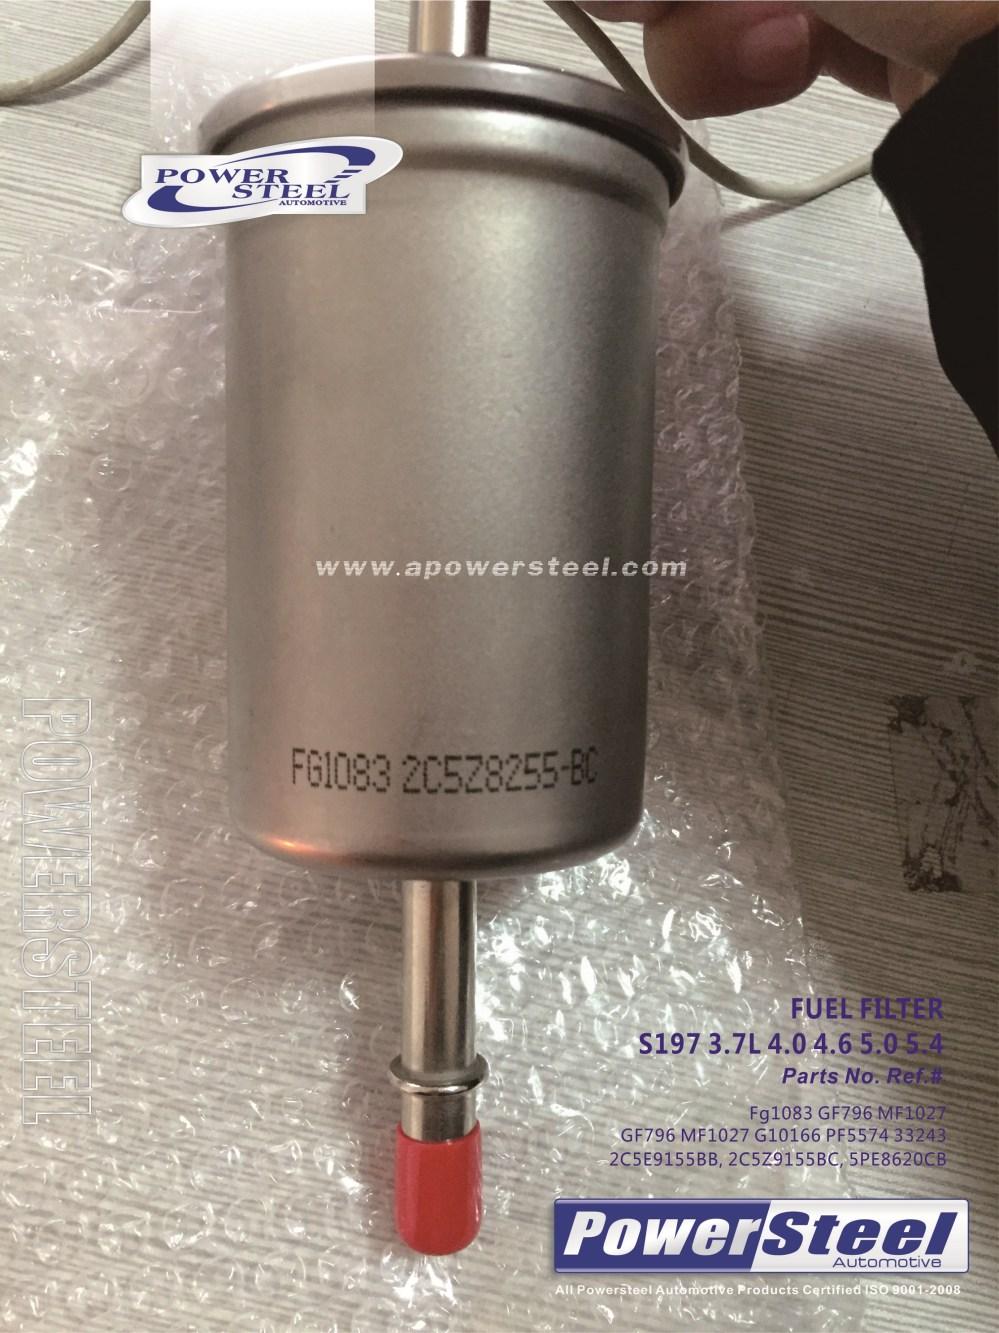 medium resolution of fuel filter 2c5e9155bb 2c5z9155bc 5pe8620cb fg1083 gf796 mf1027 gf796